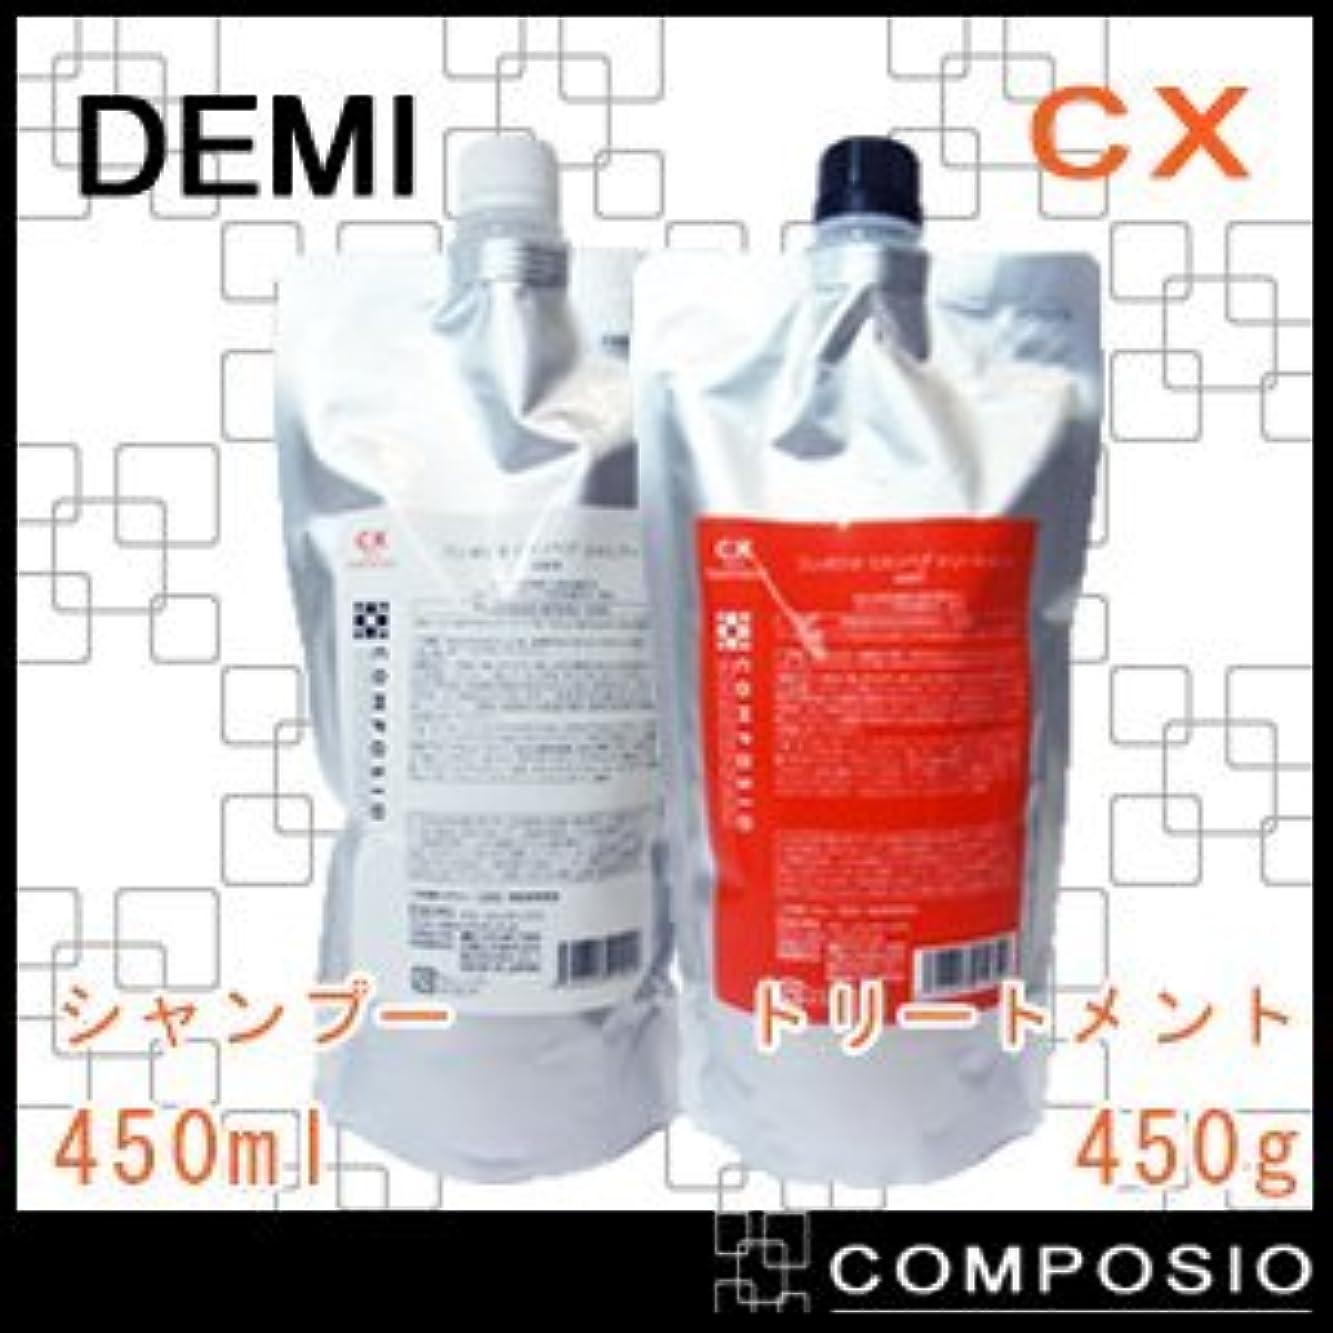 過去一掃する絶妙デミ コンポジオ CXリペアシャンプー&トリートメント 詰め替え セット 450ml,450g